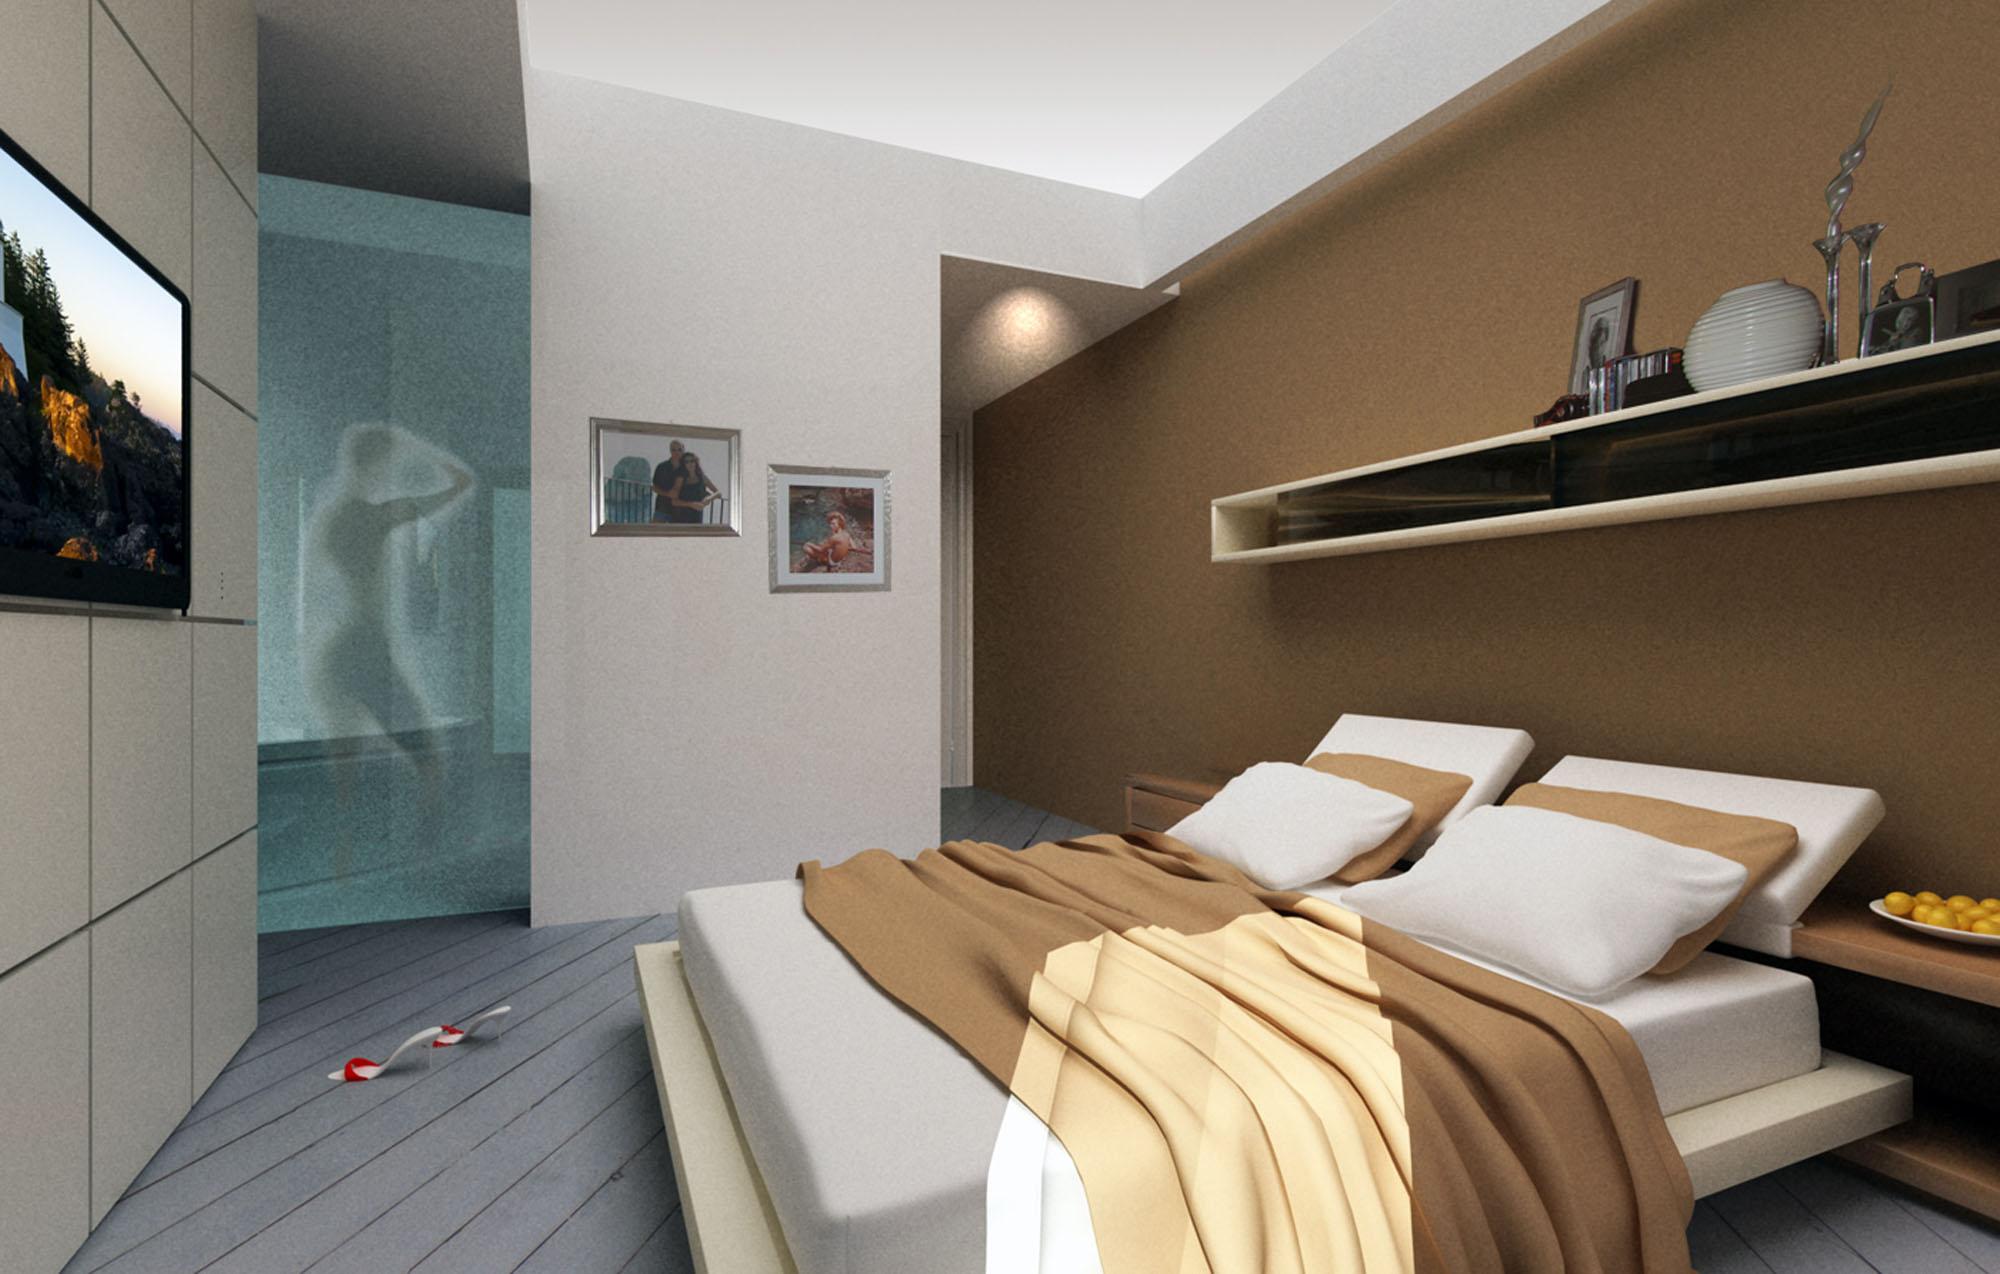 Settembre 2013 franco bernardini architetto - Camera da letto in cartongesso ...